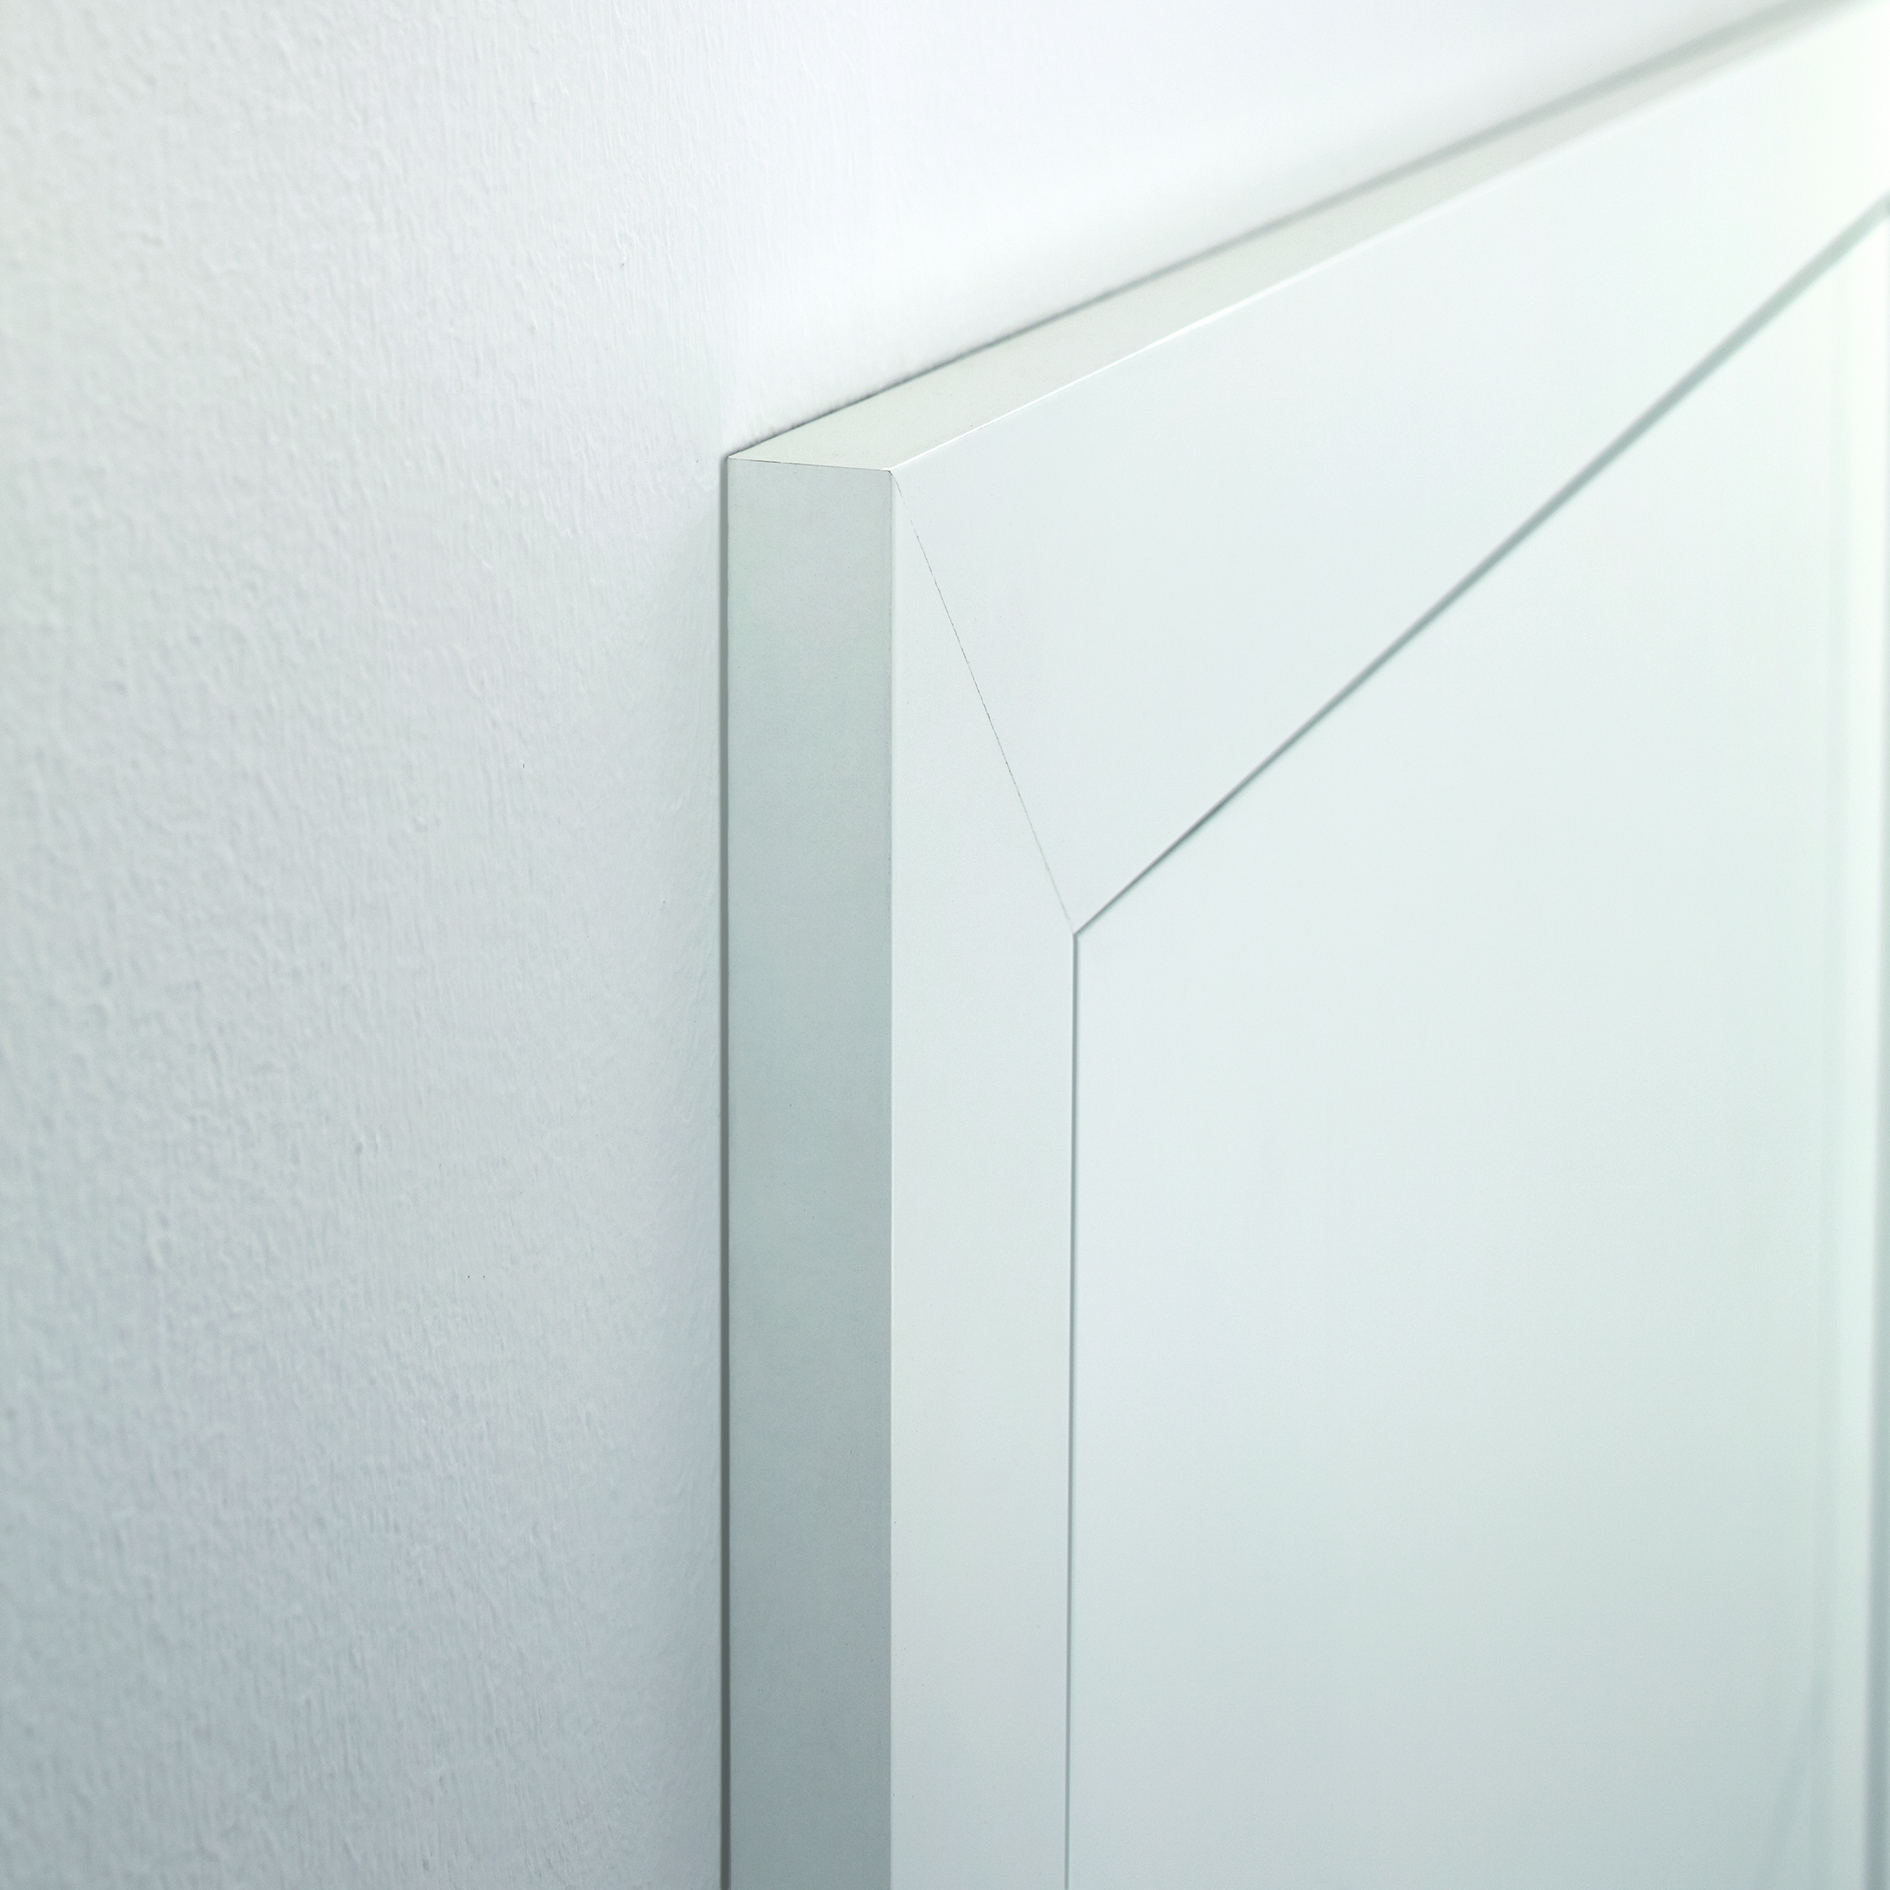 HÖRMANN - AKCE 2020 - Interiérové dveře bezfalcové výška 1970 mm